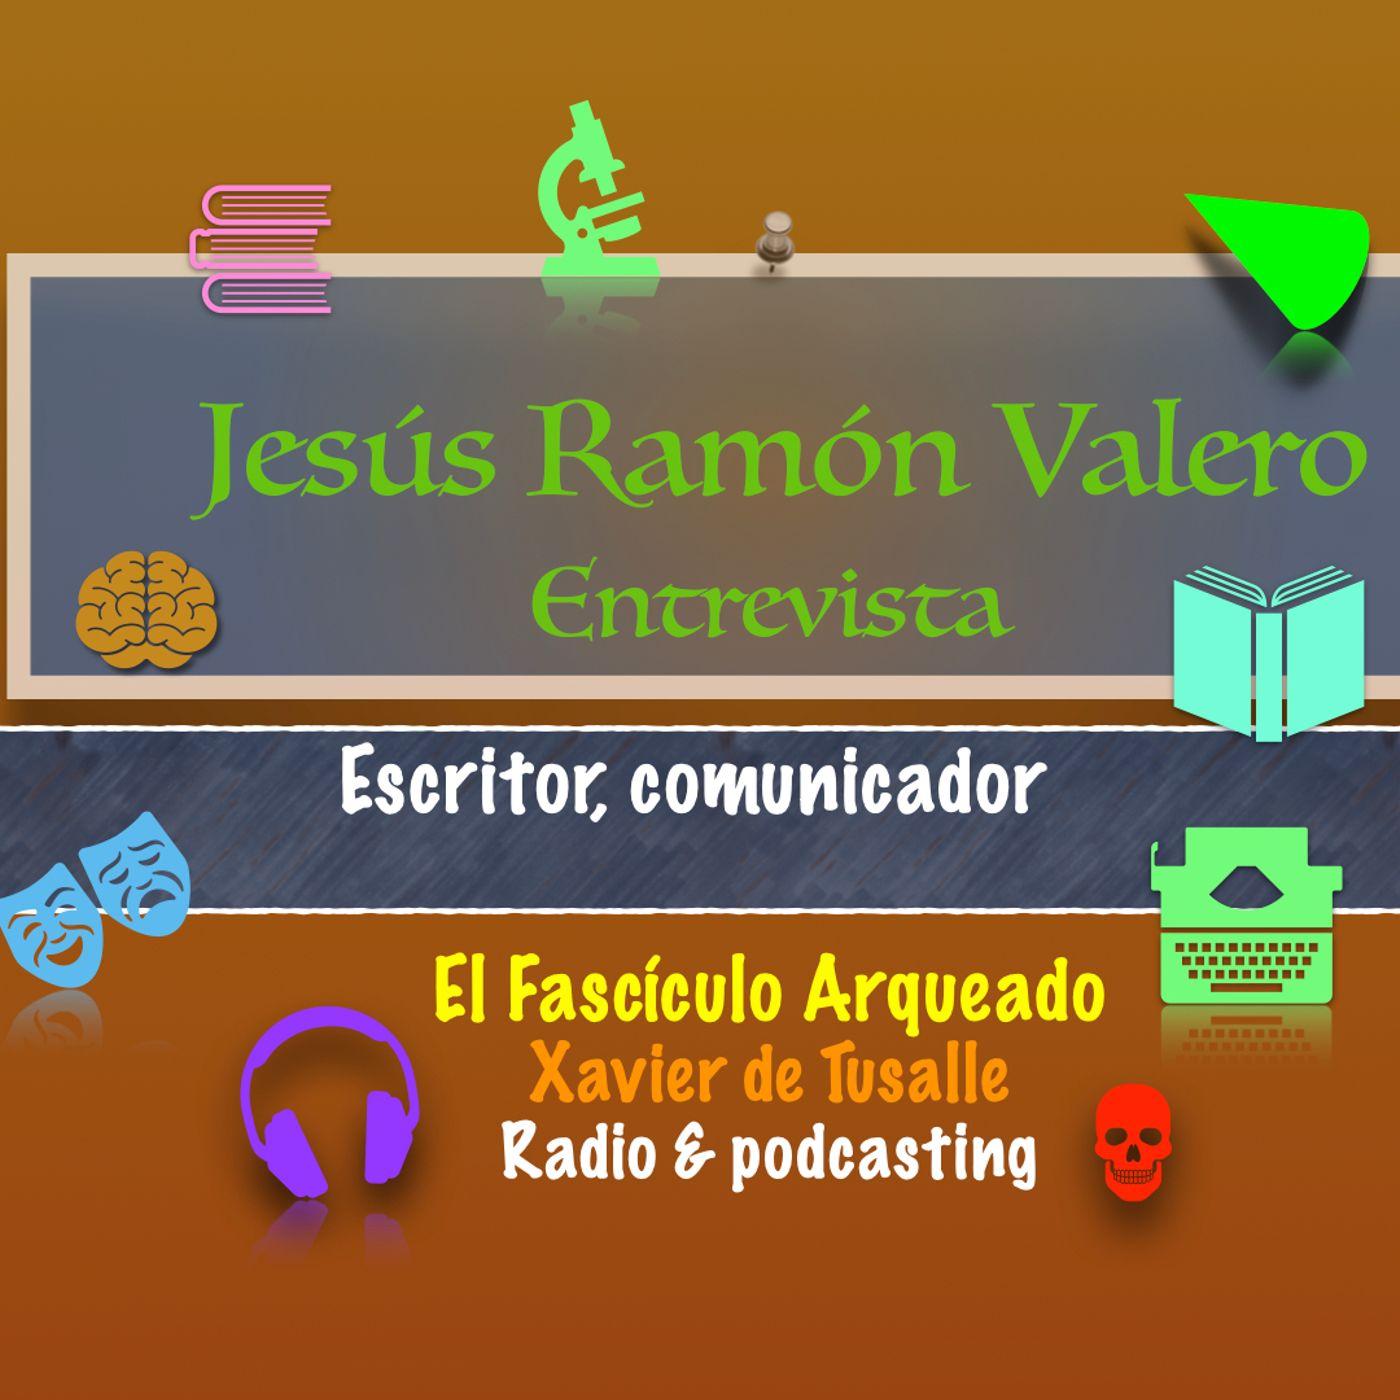 Entrevista a Jesús Ramón Valero, escritor y comunicador (Guadalajara)